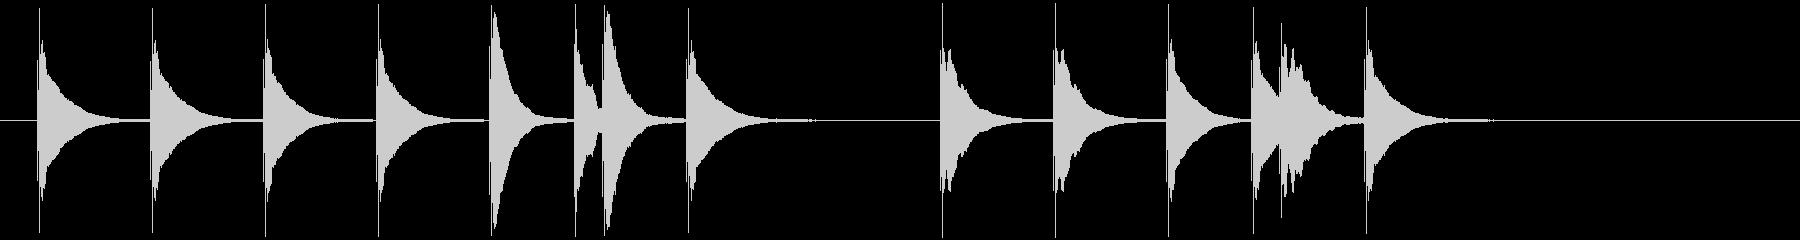 ほのぼのとしたシンプルな木琴のジングルの未再生の波形